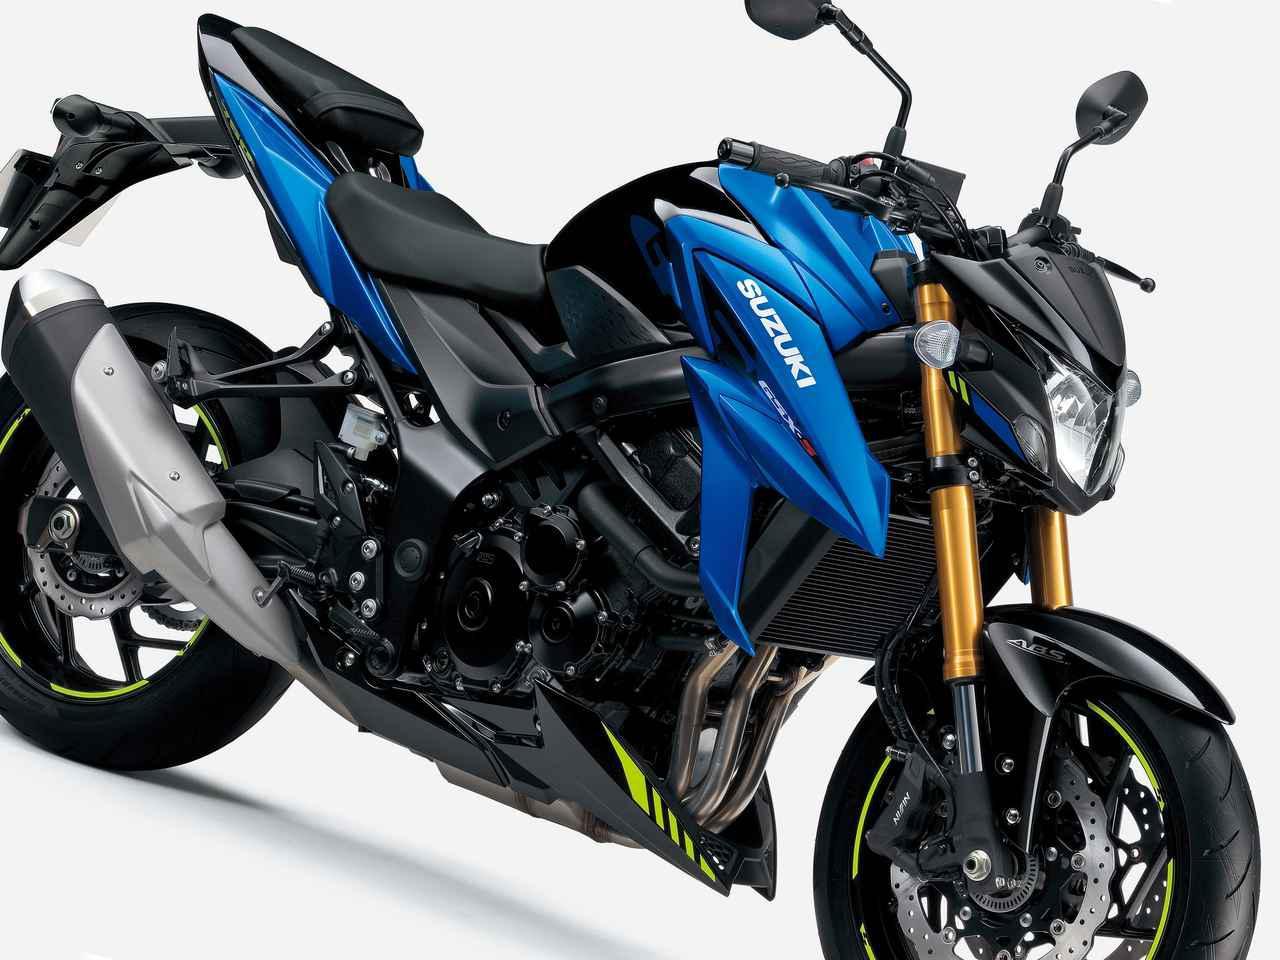 画像: 【峠の伏兵】スーパースポーツ・キラー『GSX-S750』が2021年モデルとしてカラーチェンジ! - スズキのバイク!